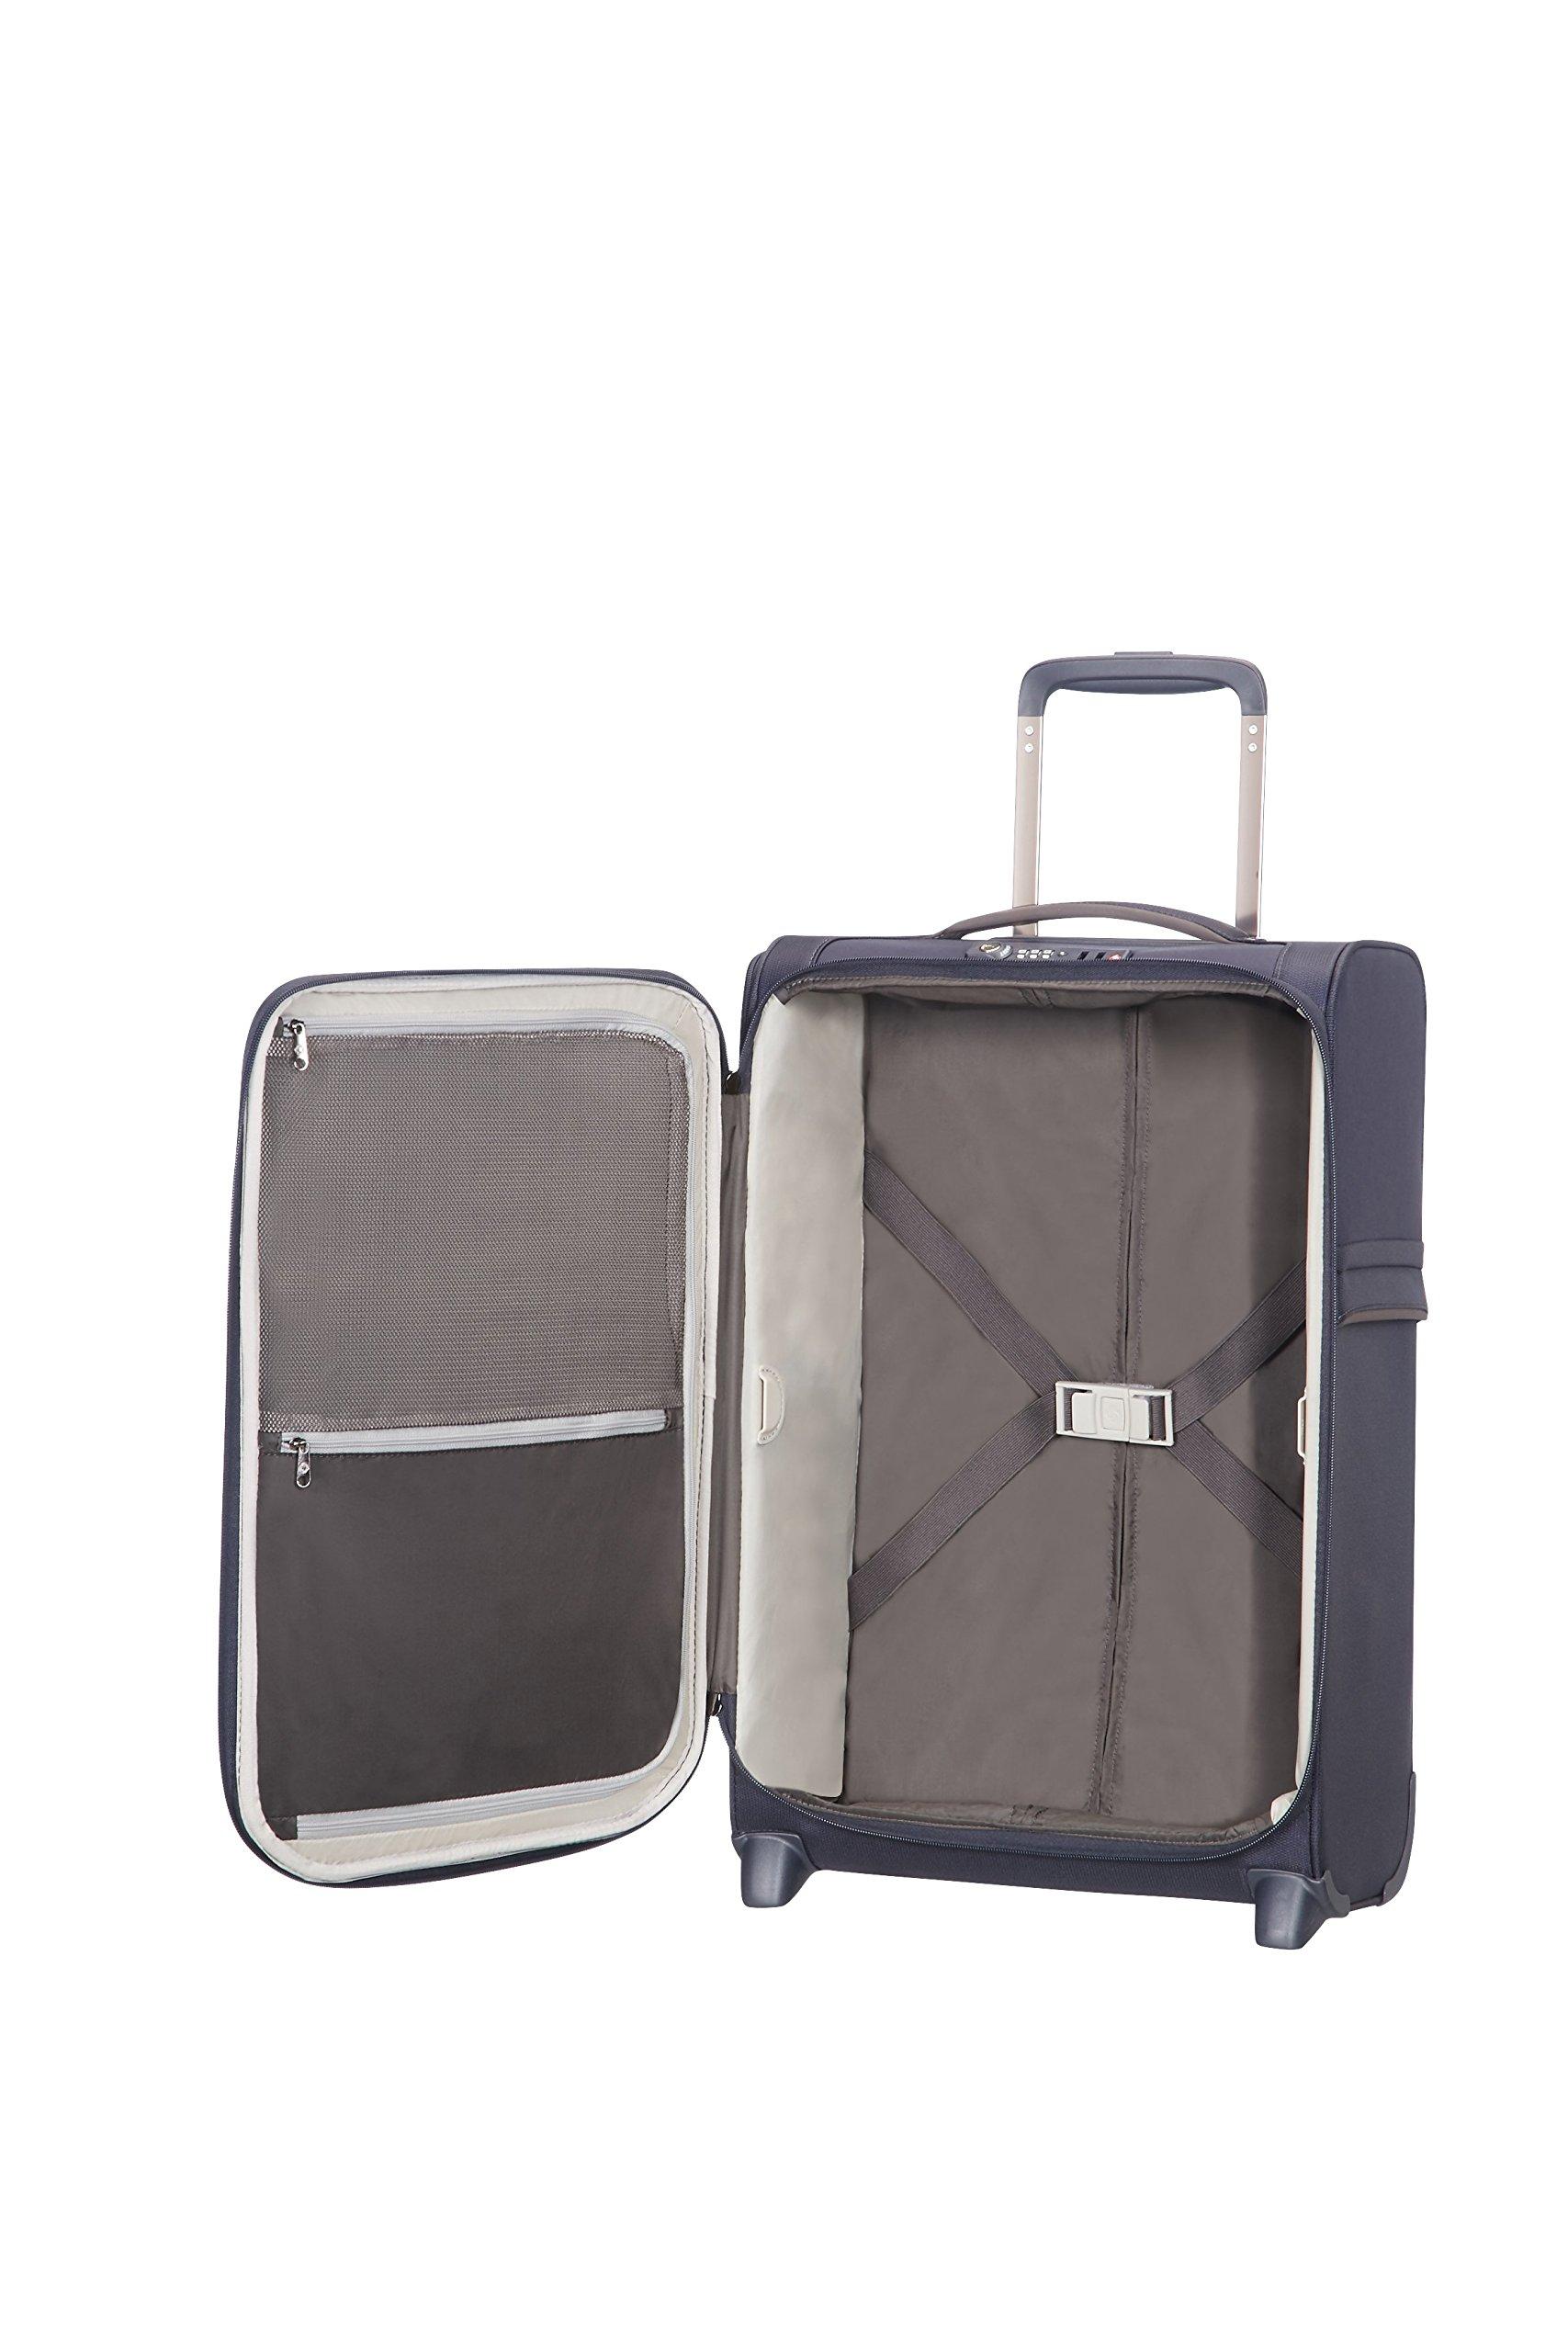 Samsonite-Uplite-Spinner-5520-Koffer